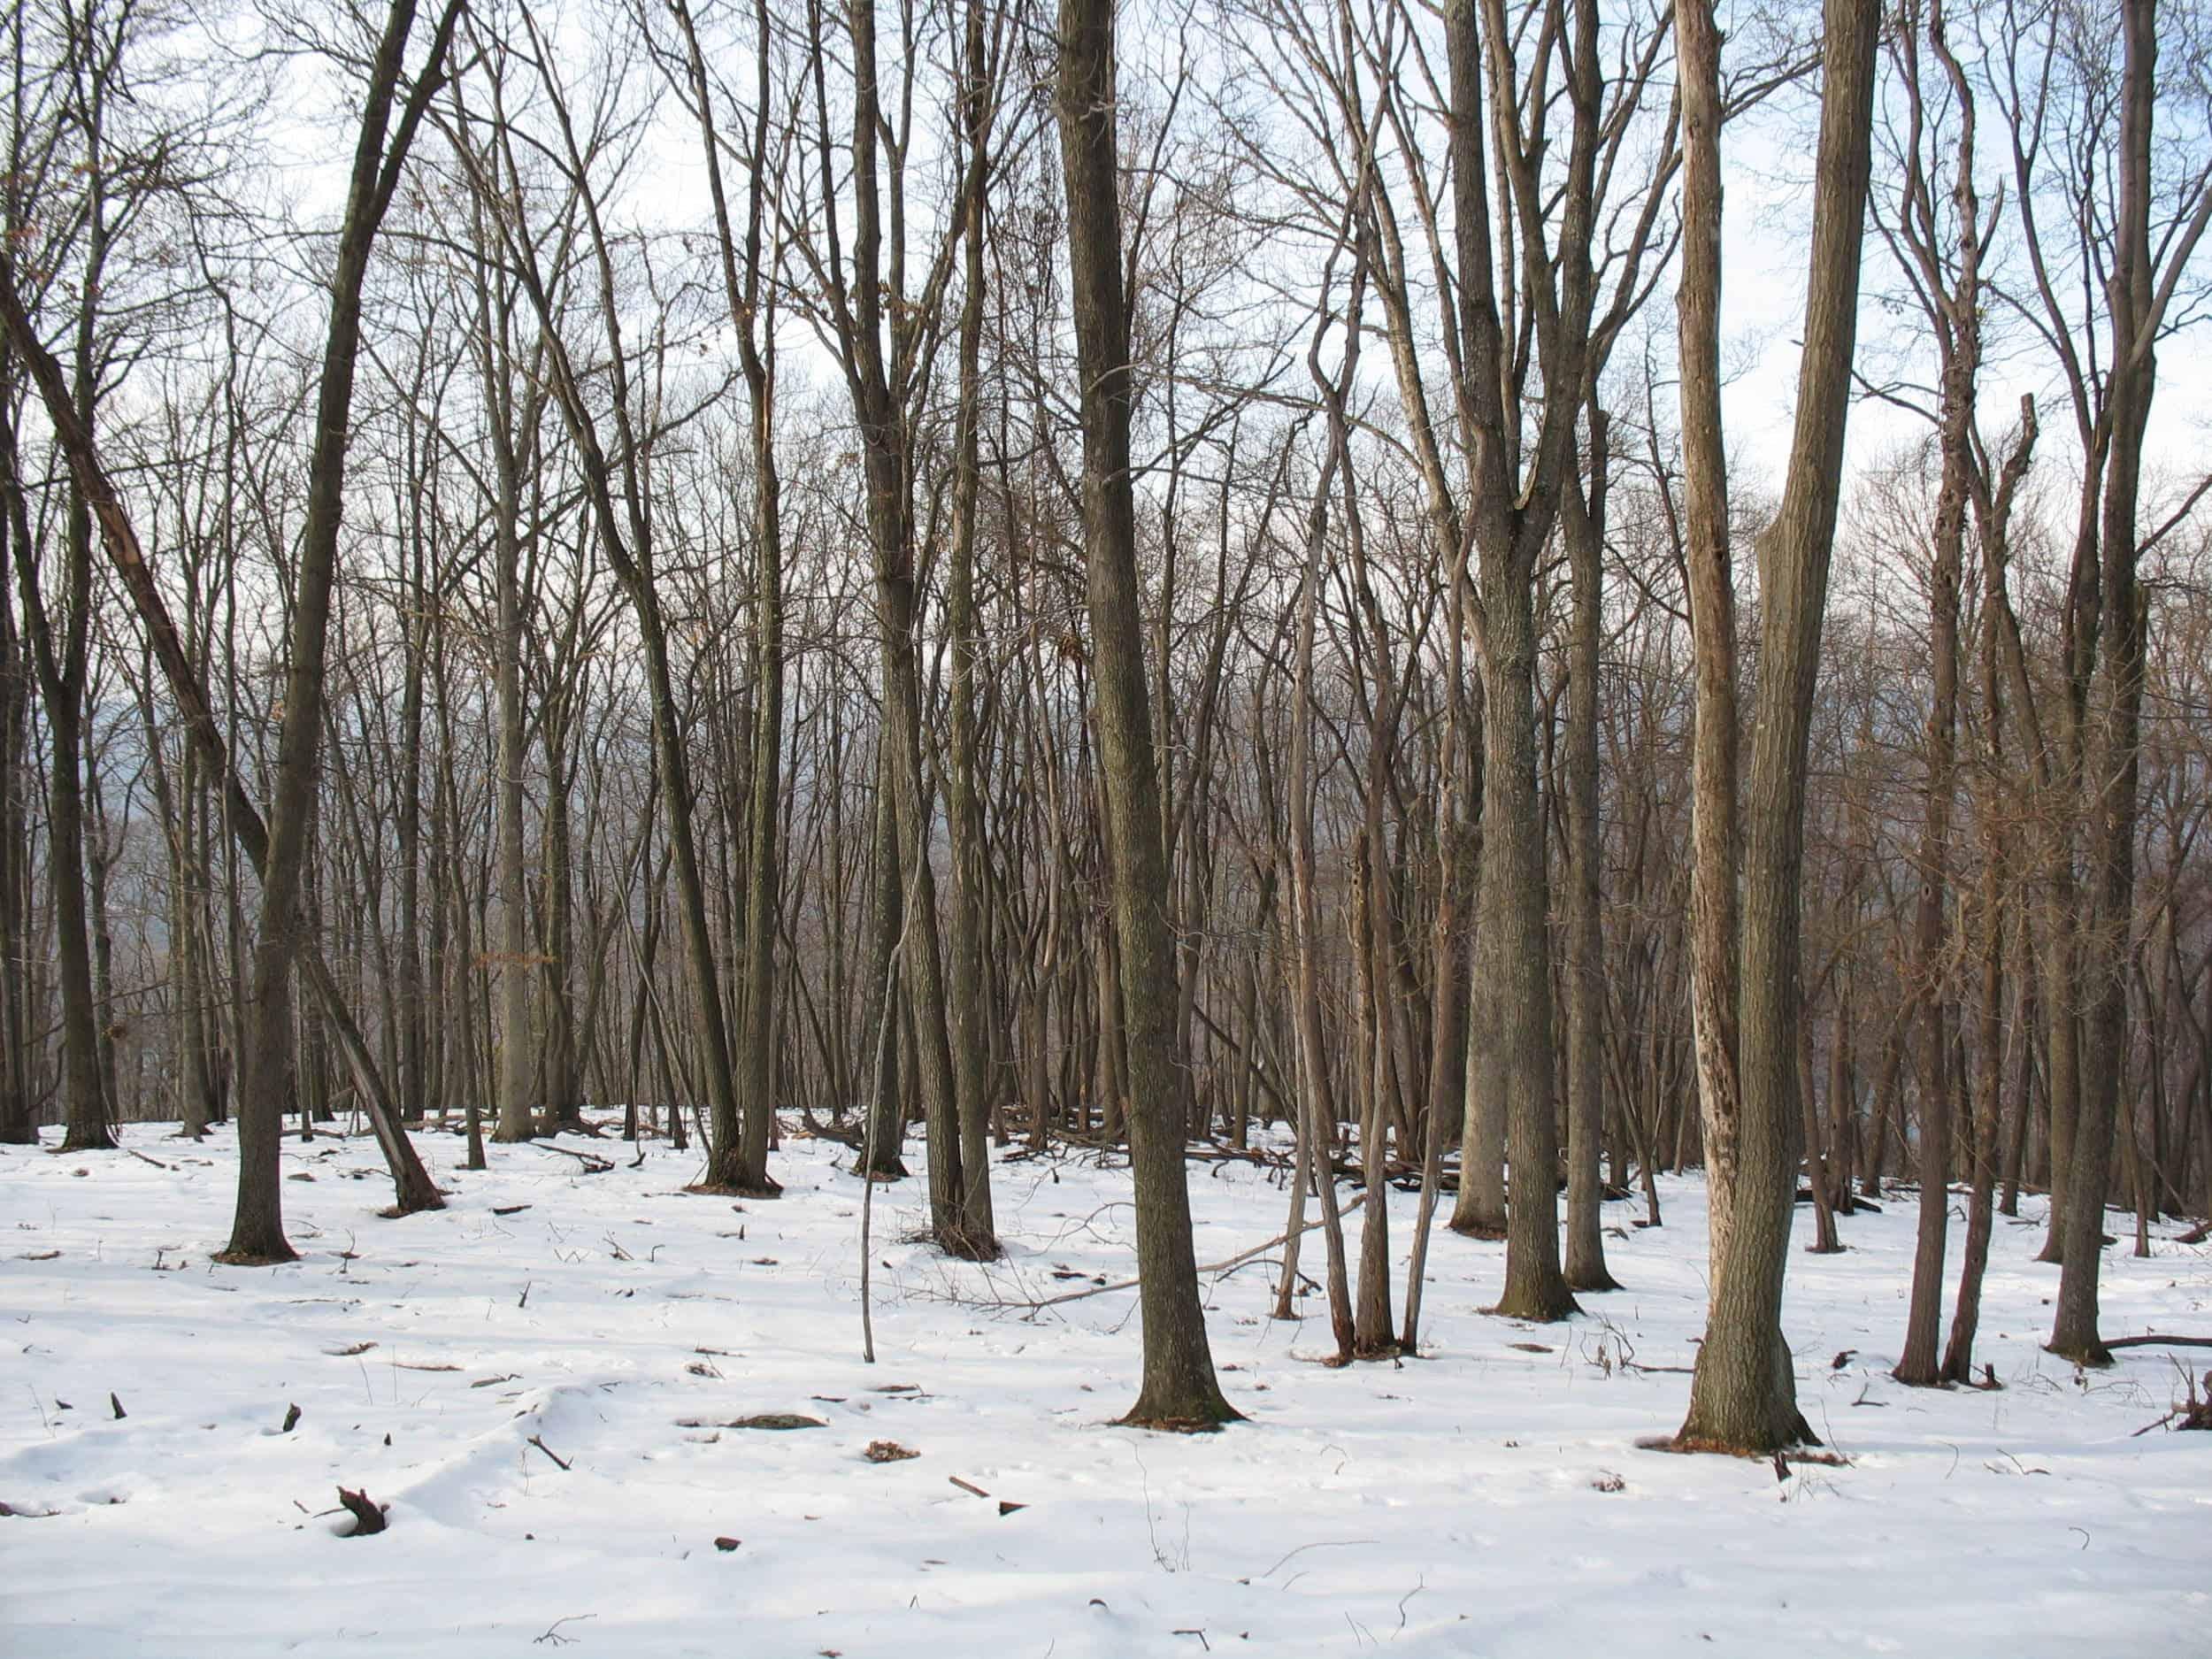 Eidolon Nature Preserve in the snow